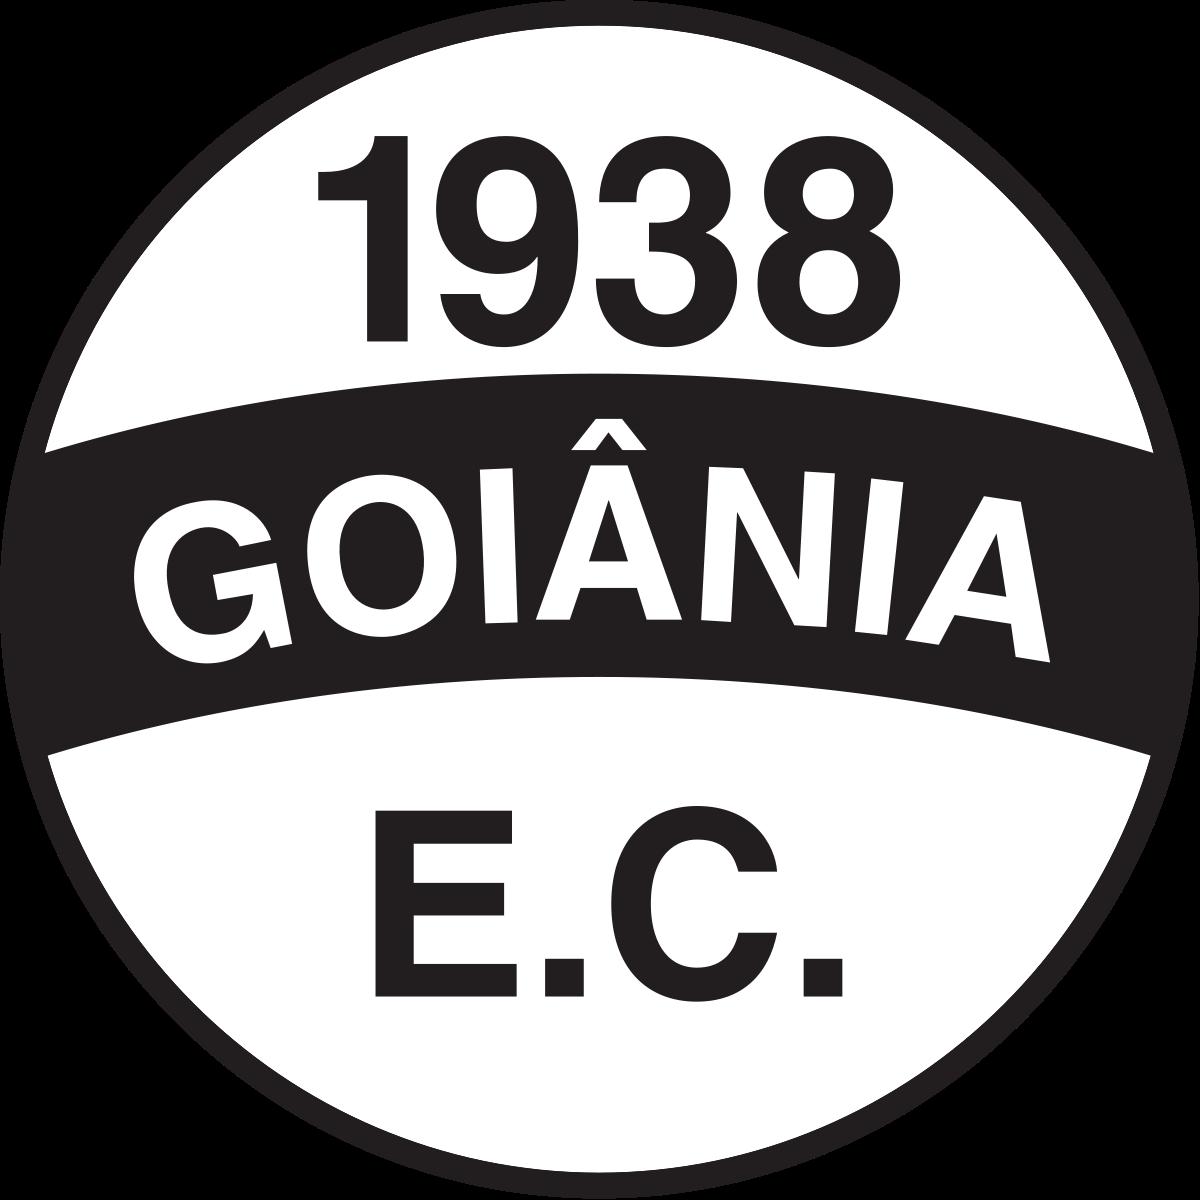 戈亚尼亚青年队